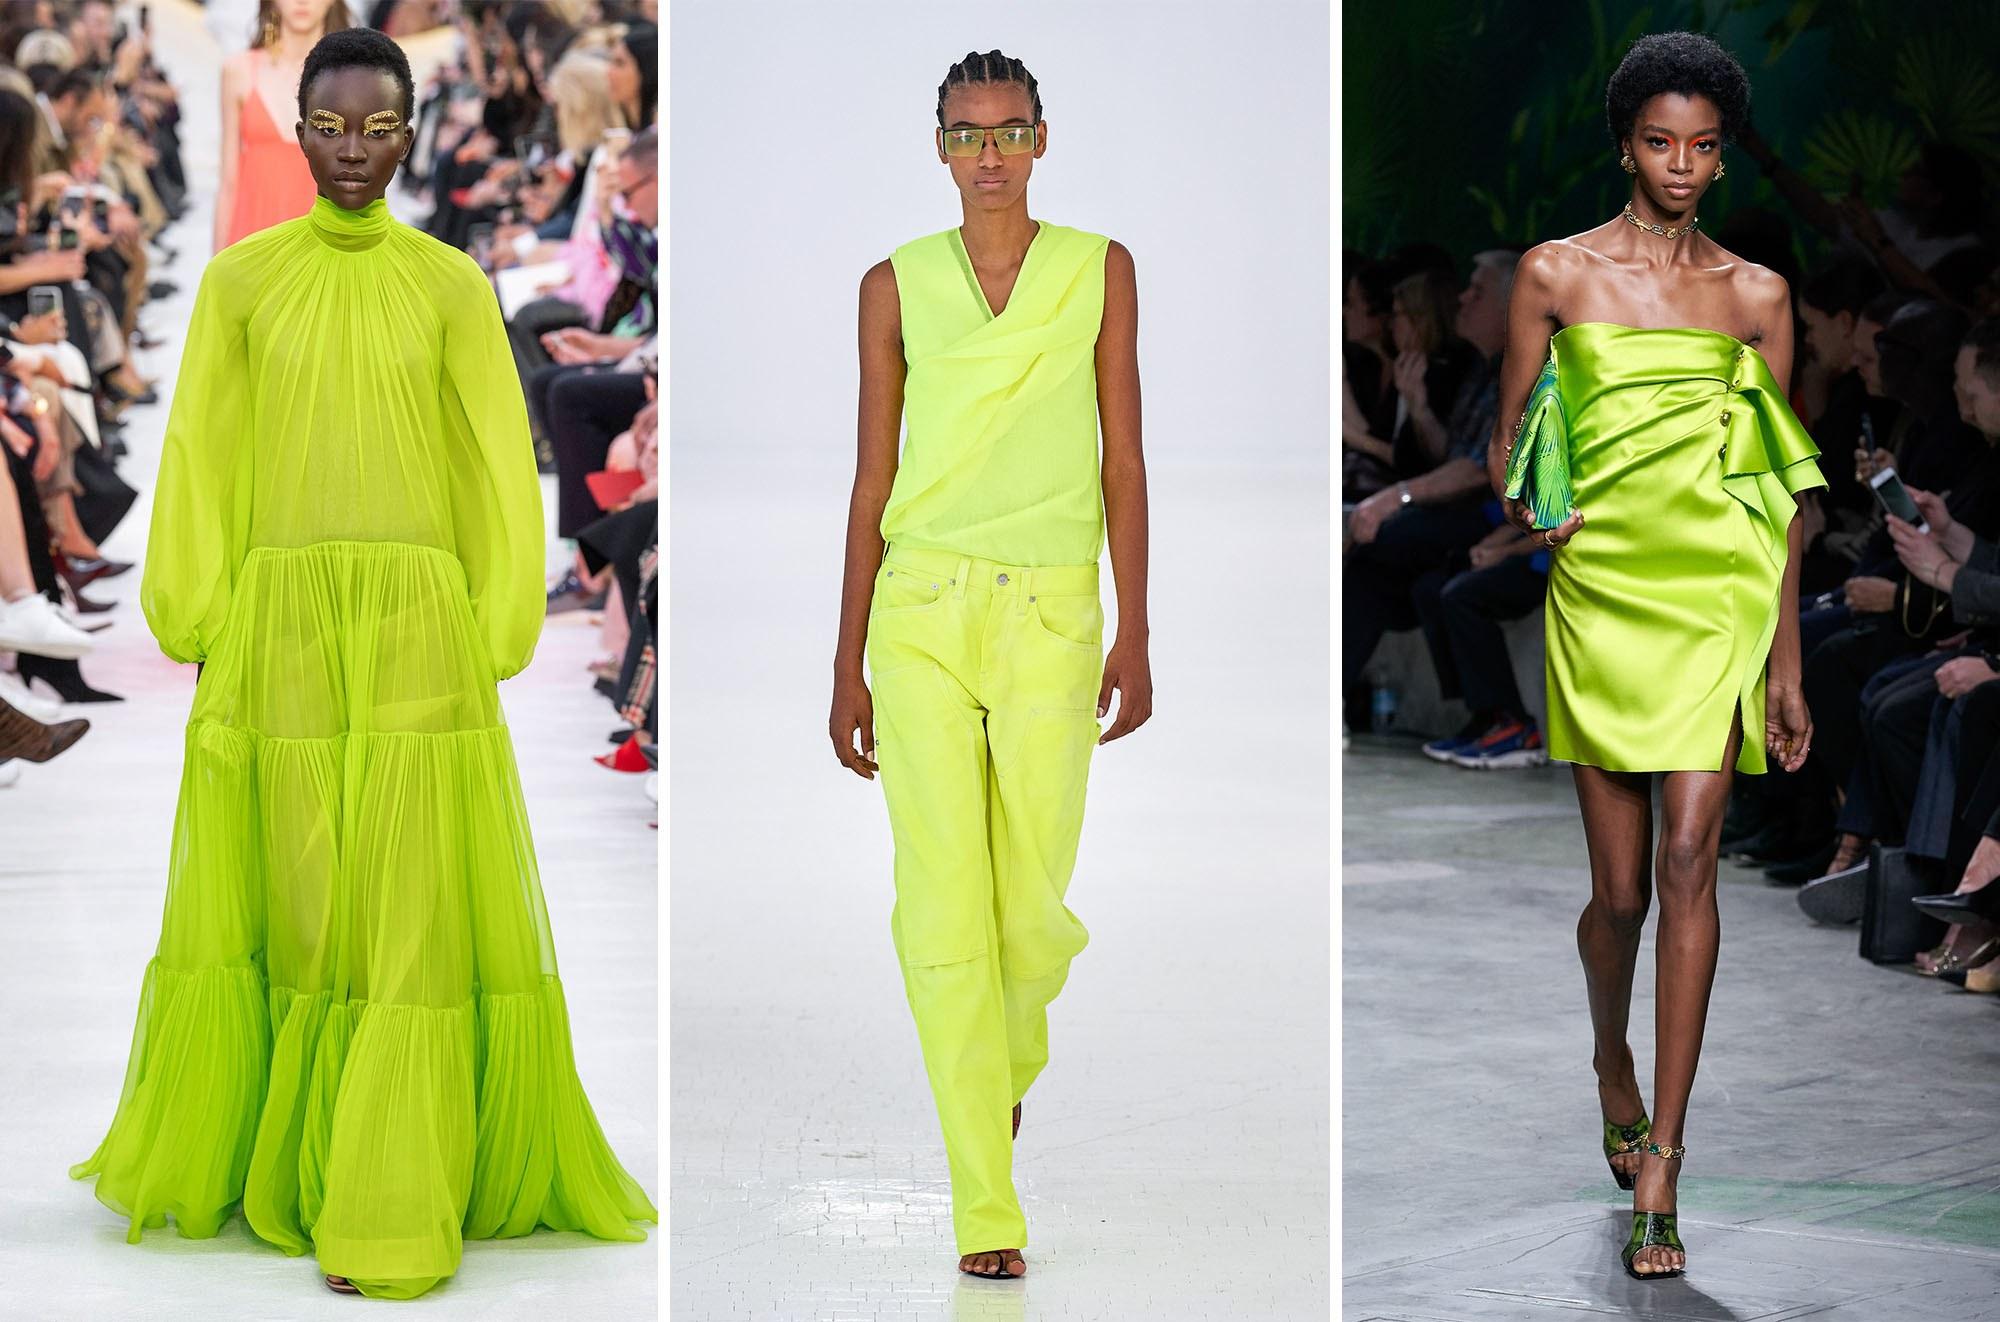 Los cítricos y tonos vibrantes para el verano 2020